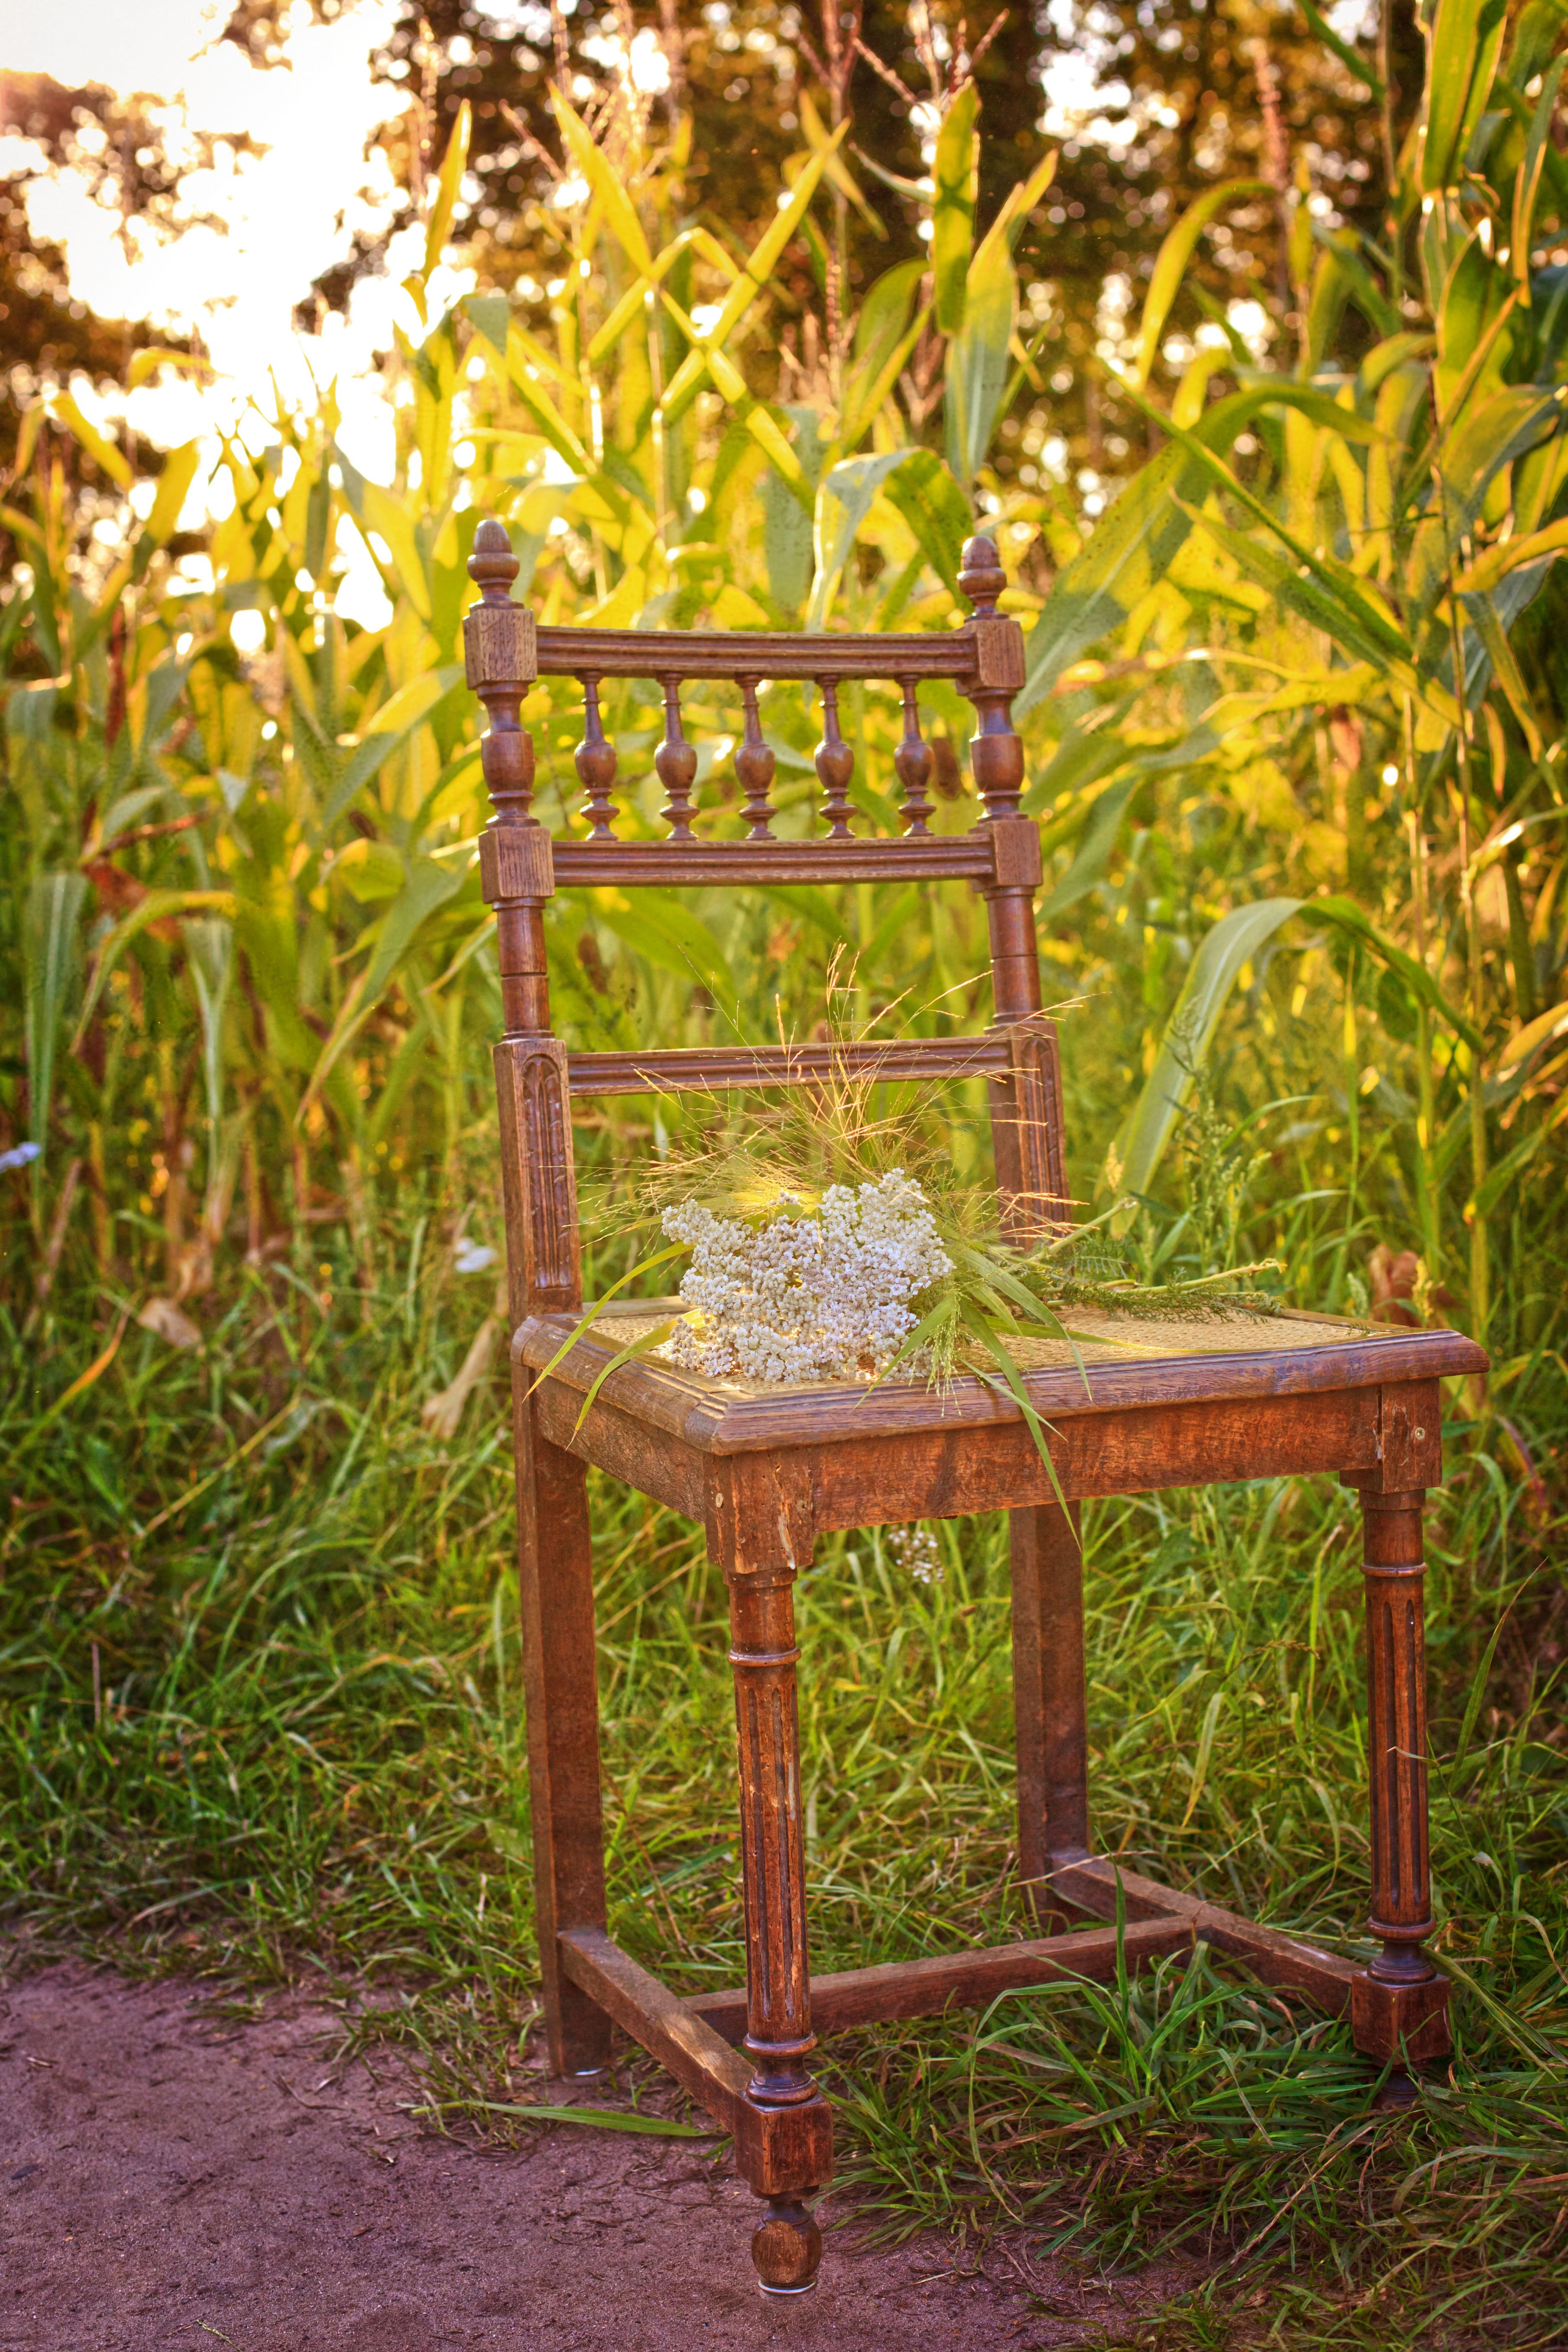 Natur Holz Sonne Sonnenuntergang Feld Blume Sessel Abend Mais Sich Ausruhen  Möbel Garten Freizeit Blumen Entspannung